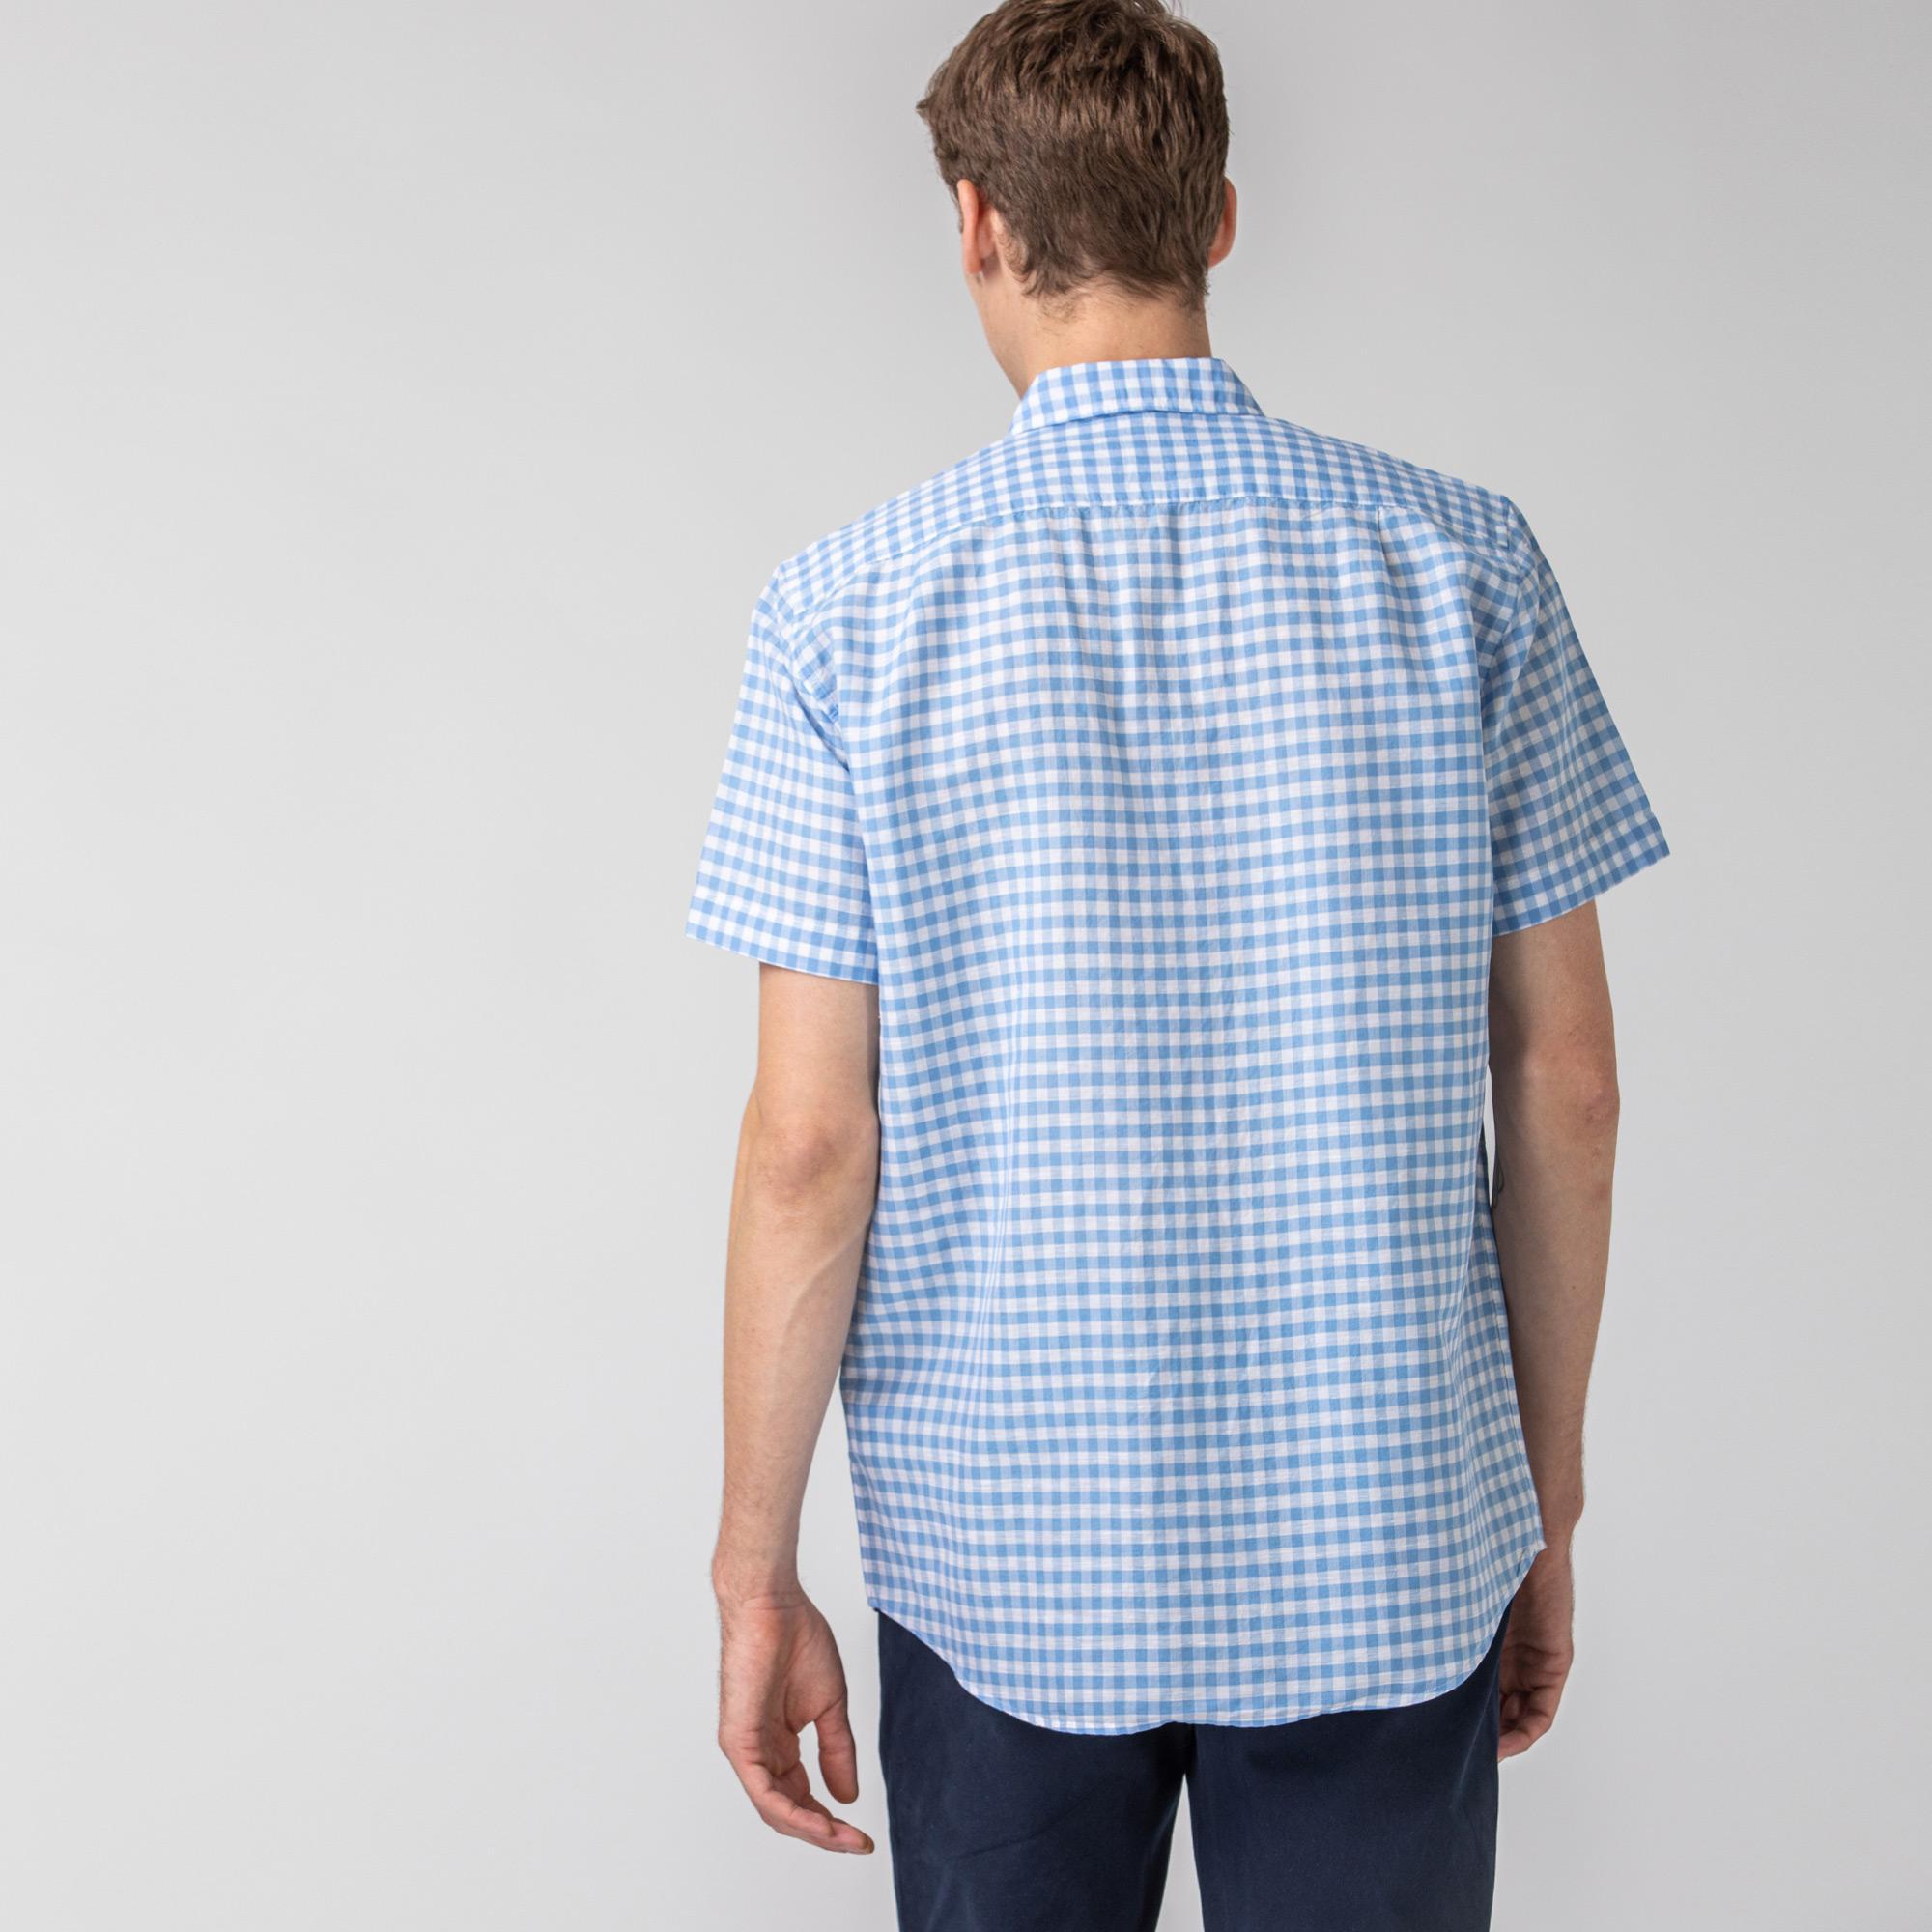 Lacoste Erkek Regular Fit Kısa Kollu Ekose Desenli Mavi Gömlek